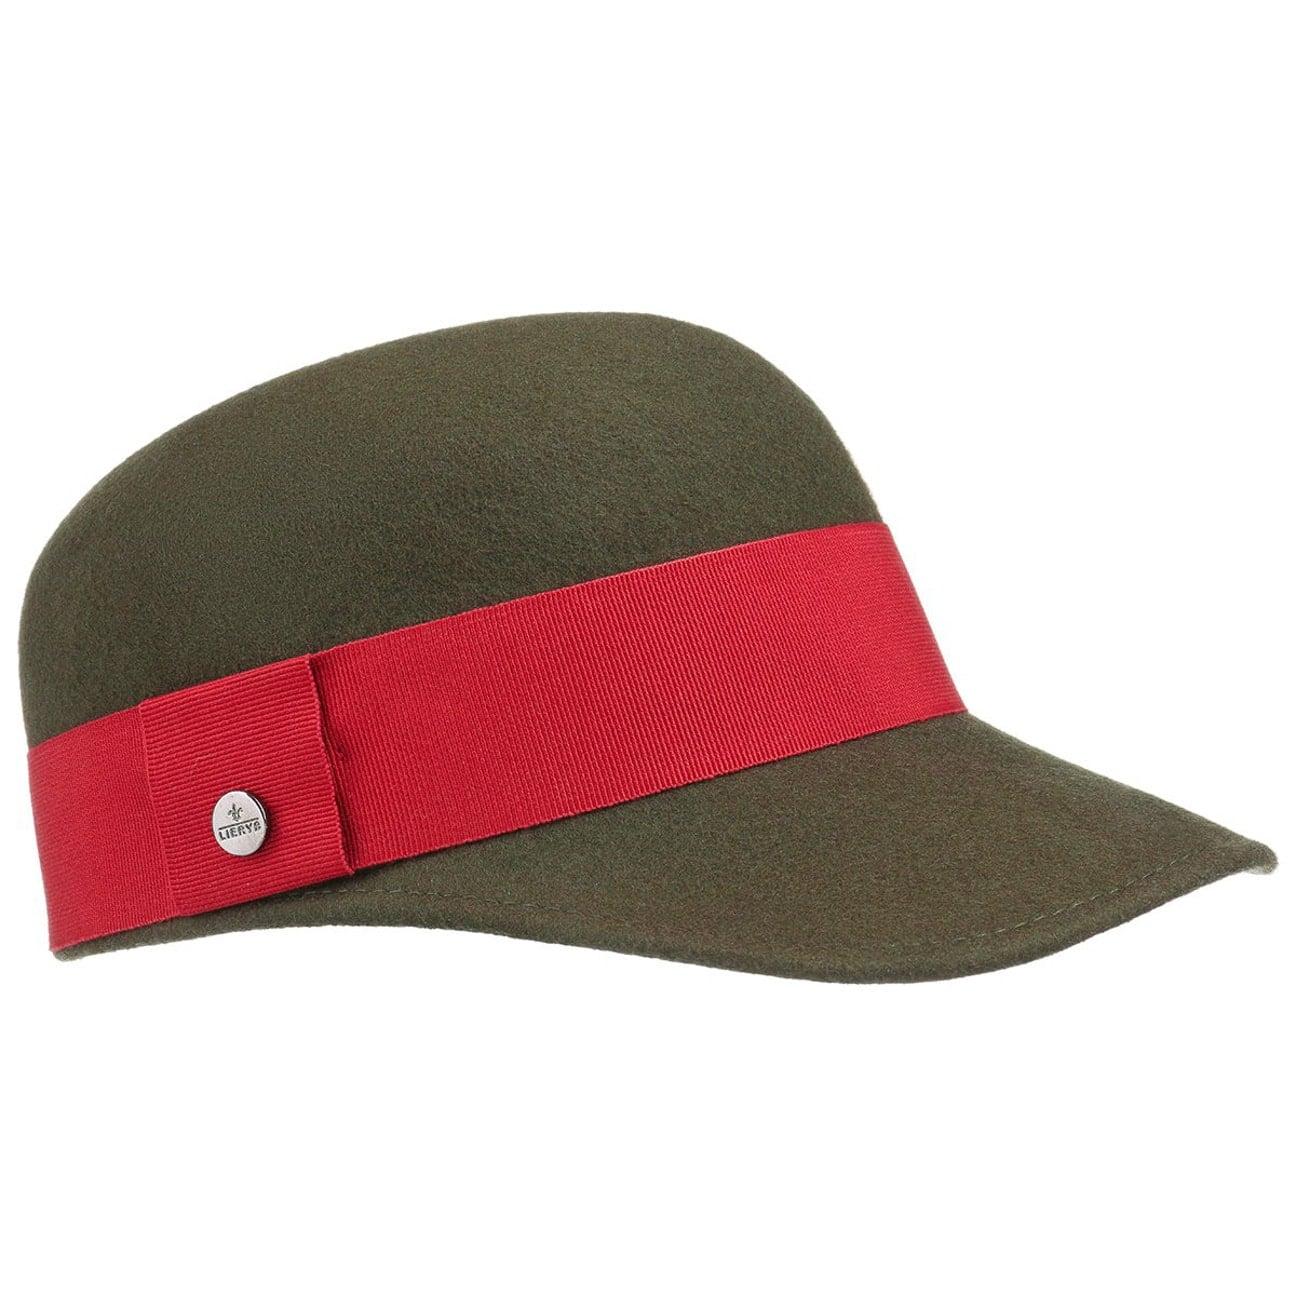 Gorra de Fieltro para Mujer by Lierys - Gorras - sombreroshop.es 71d8c676b65